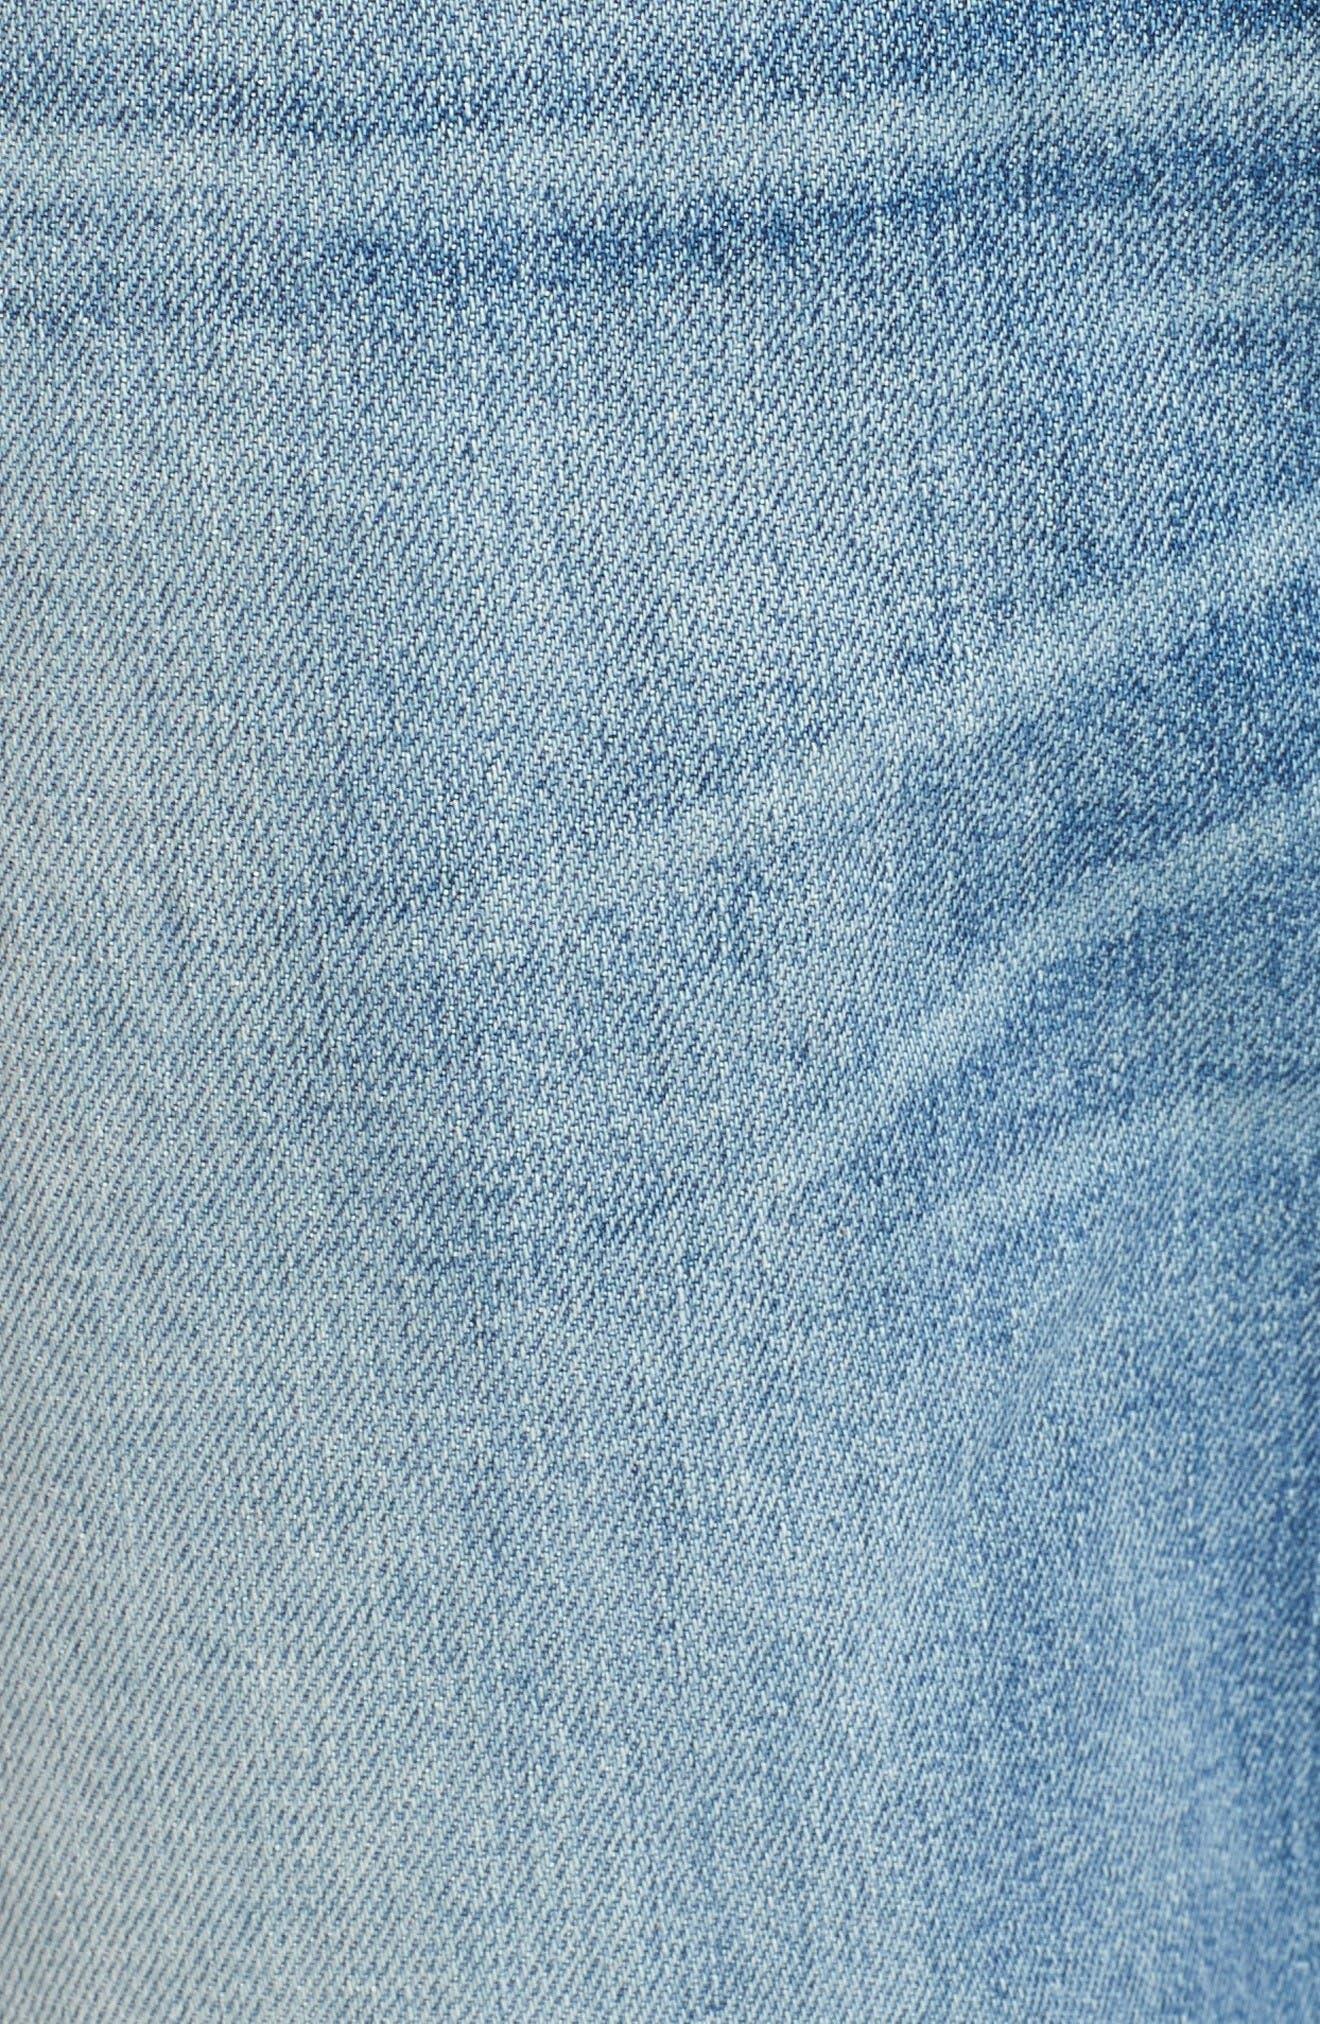 Alternate Image 5  - Hudson Jeans Sator Skinny Fit Jeans (Banned)